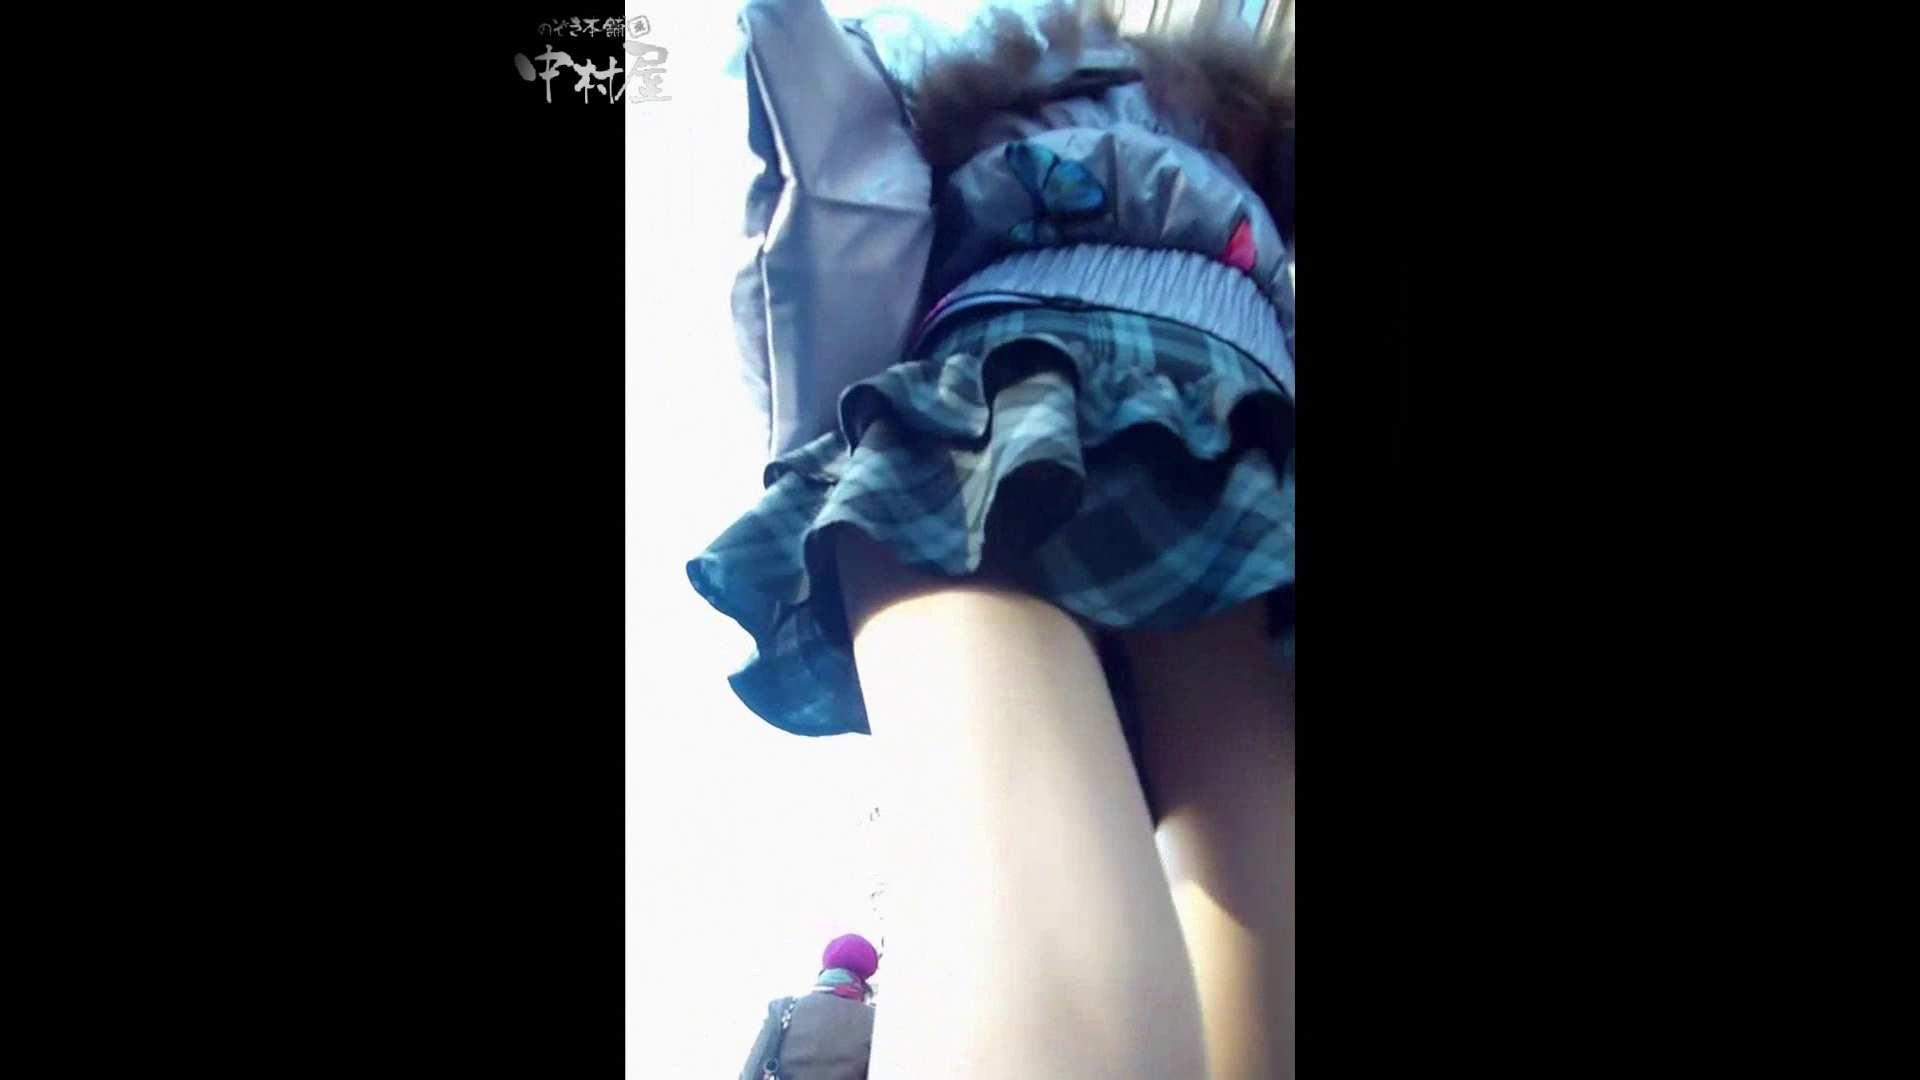 綺麗なモデルさんのスカート捲っちゃおう‼ vol12 お姉さんのエロ動画 | 0  84PIX 19